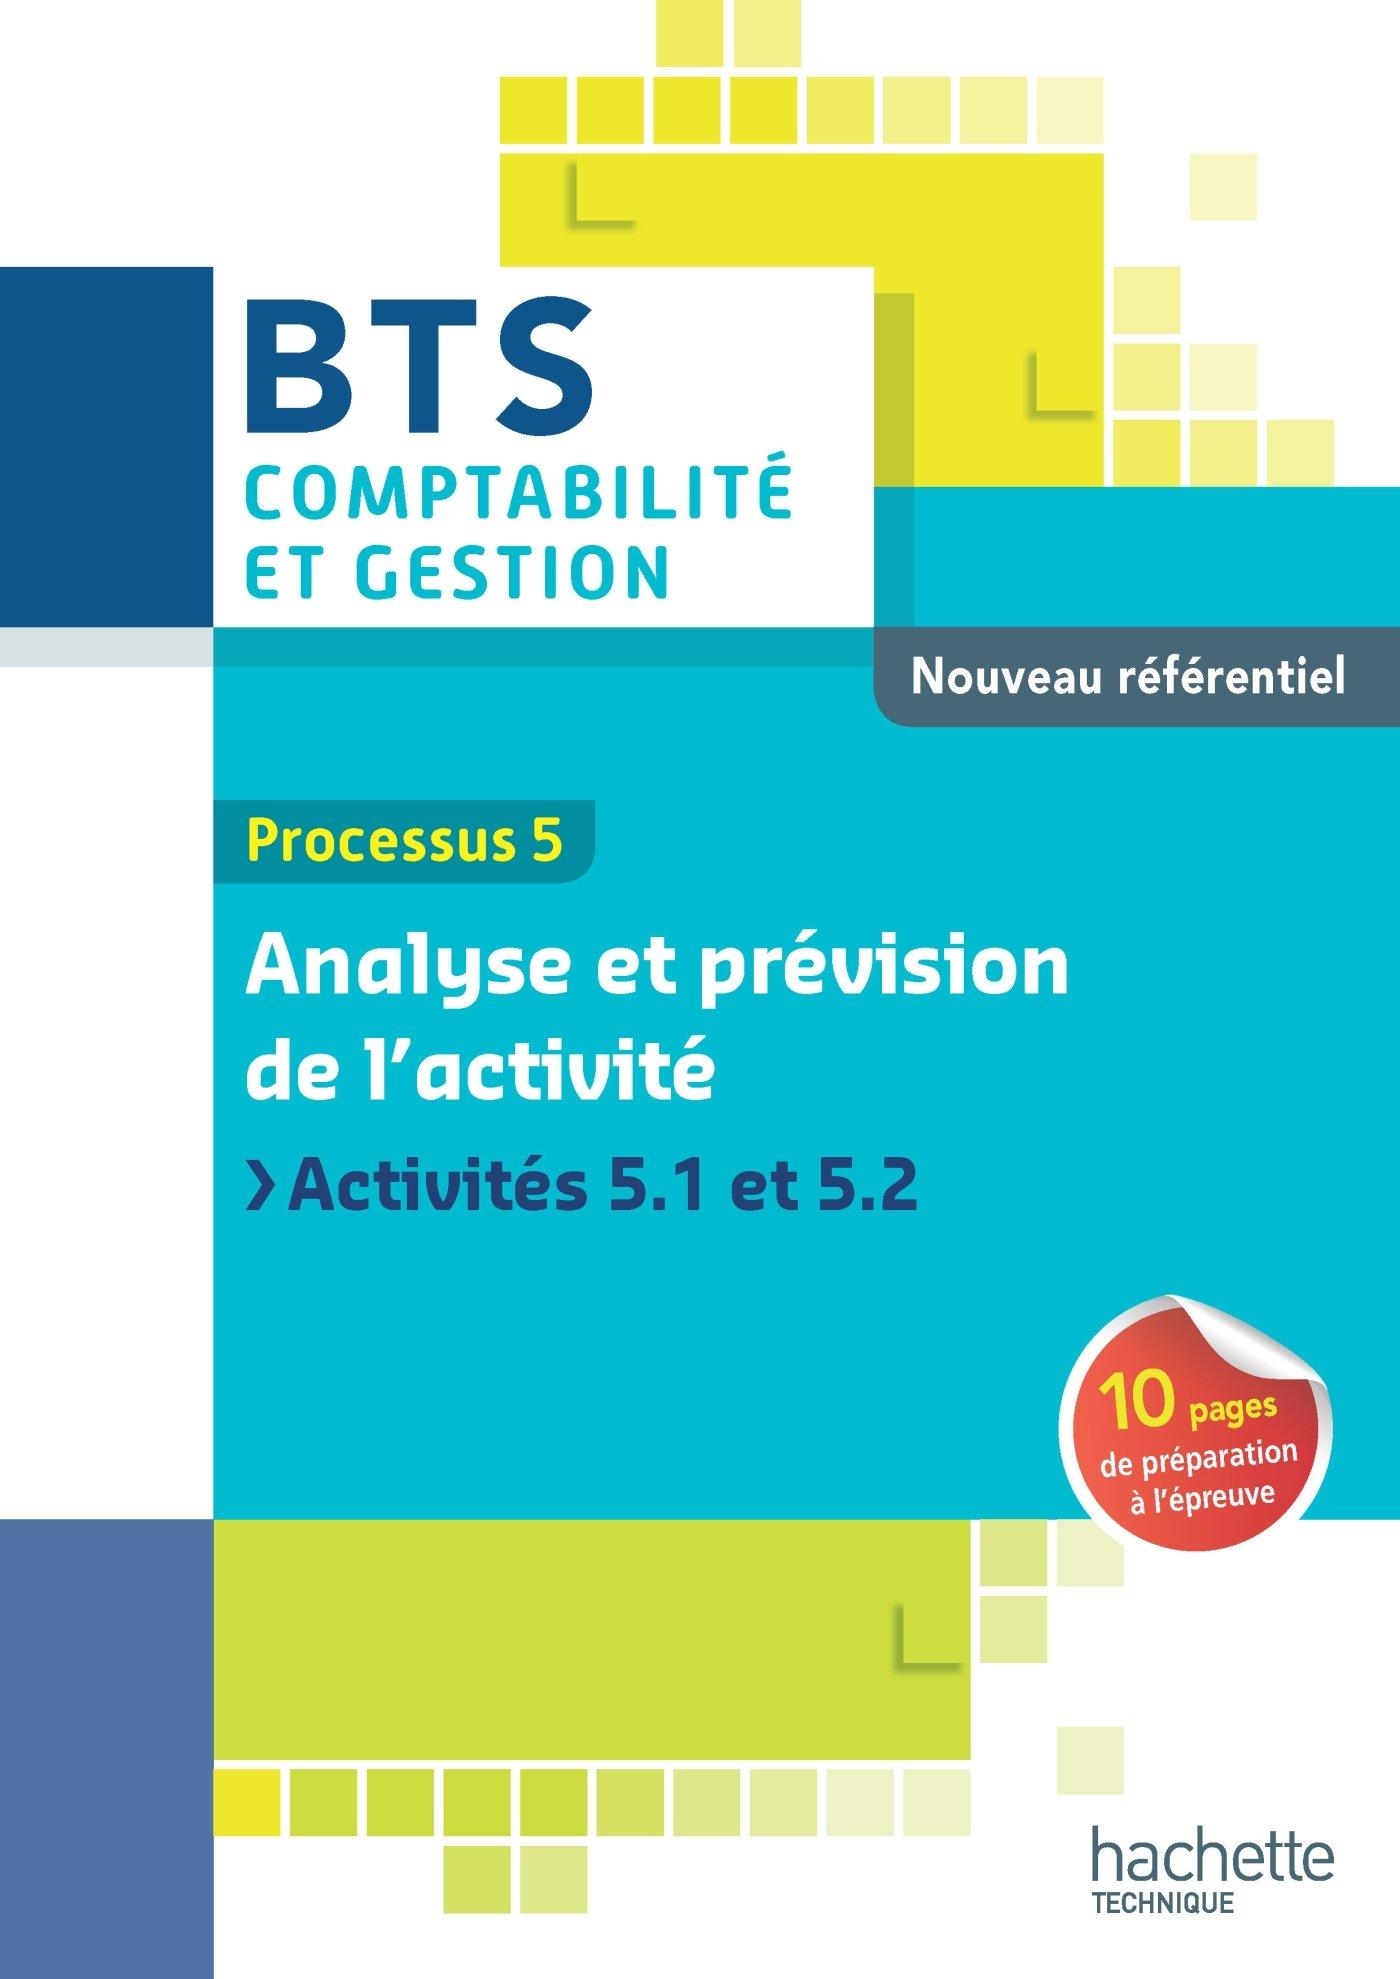 P5 Analyse et prévision de l'activité BTS CG Ed 2015 Broché – 29 avril 2015 Laurence Decourtray Madjid Hamoumraoui Hachette Éducation 2013999178